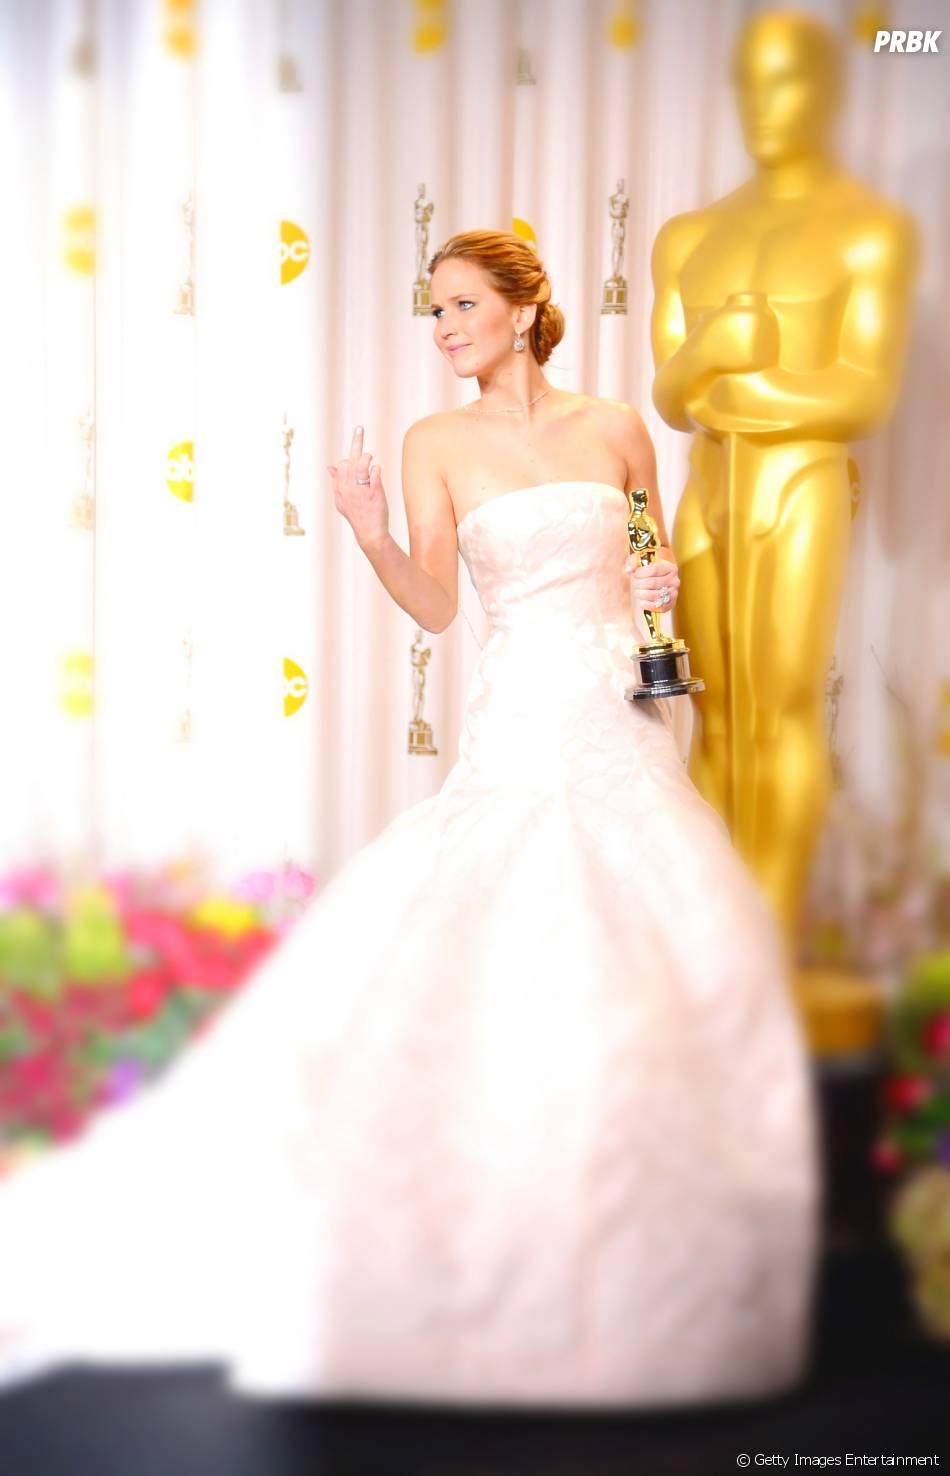 Durante o Oscar 2013, Jennifer Lawrence levanta dedo para os fotógrafos